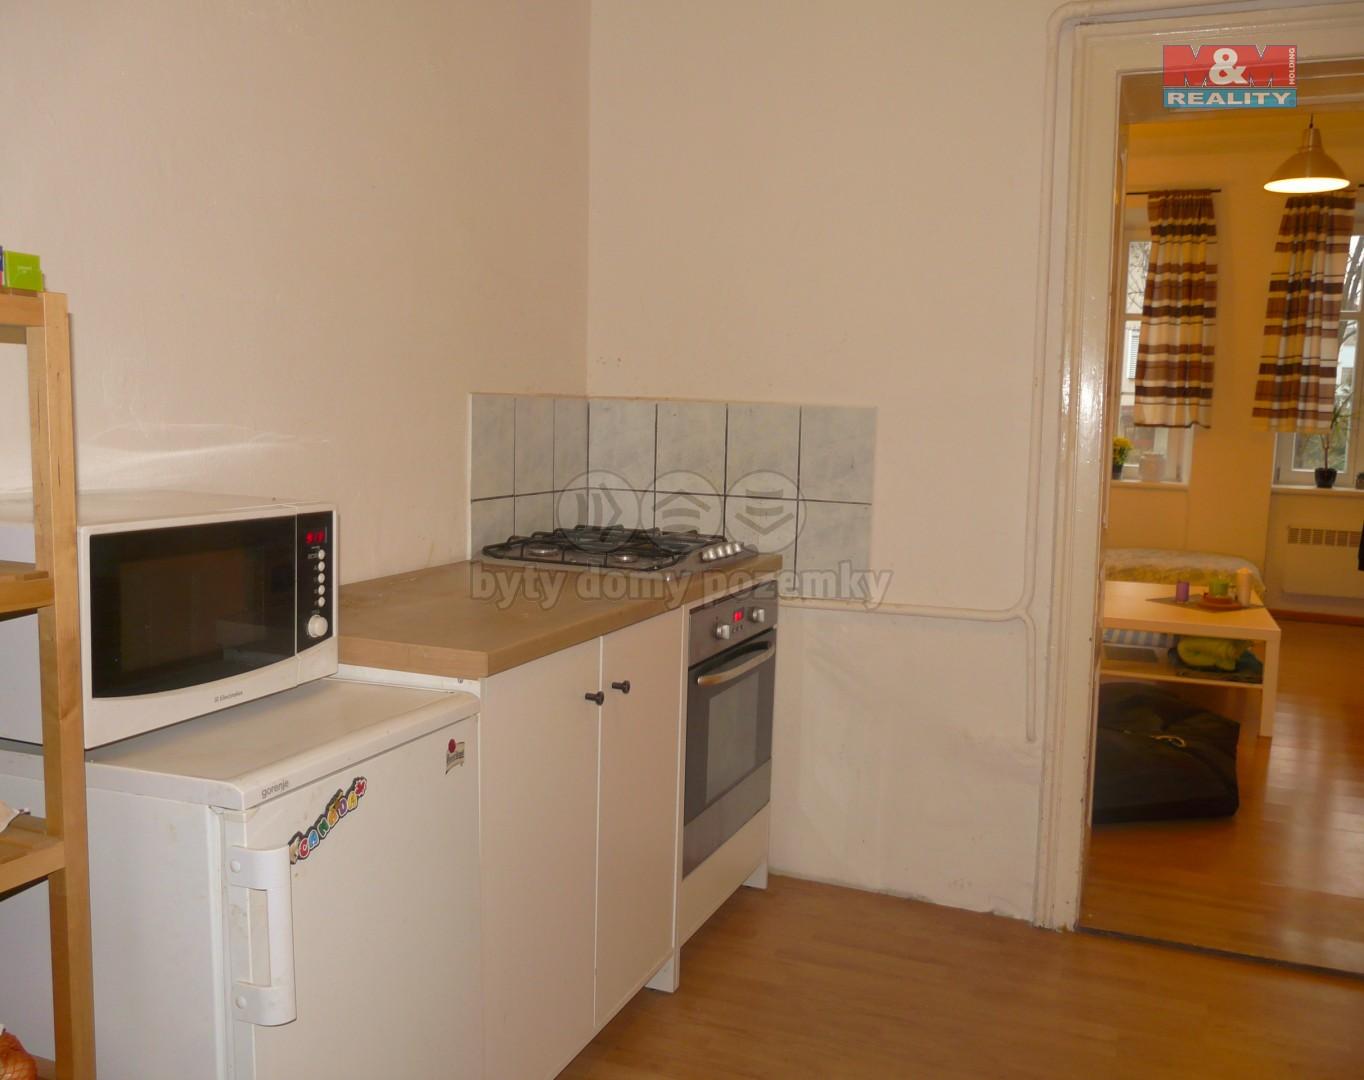 Prodej, byt 1+1, 38 m2, Olomouc - Nové Sady